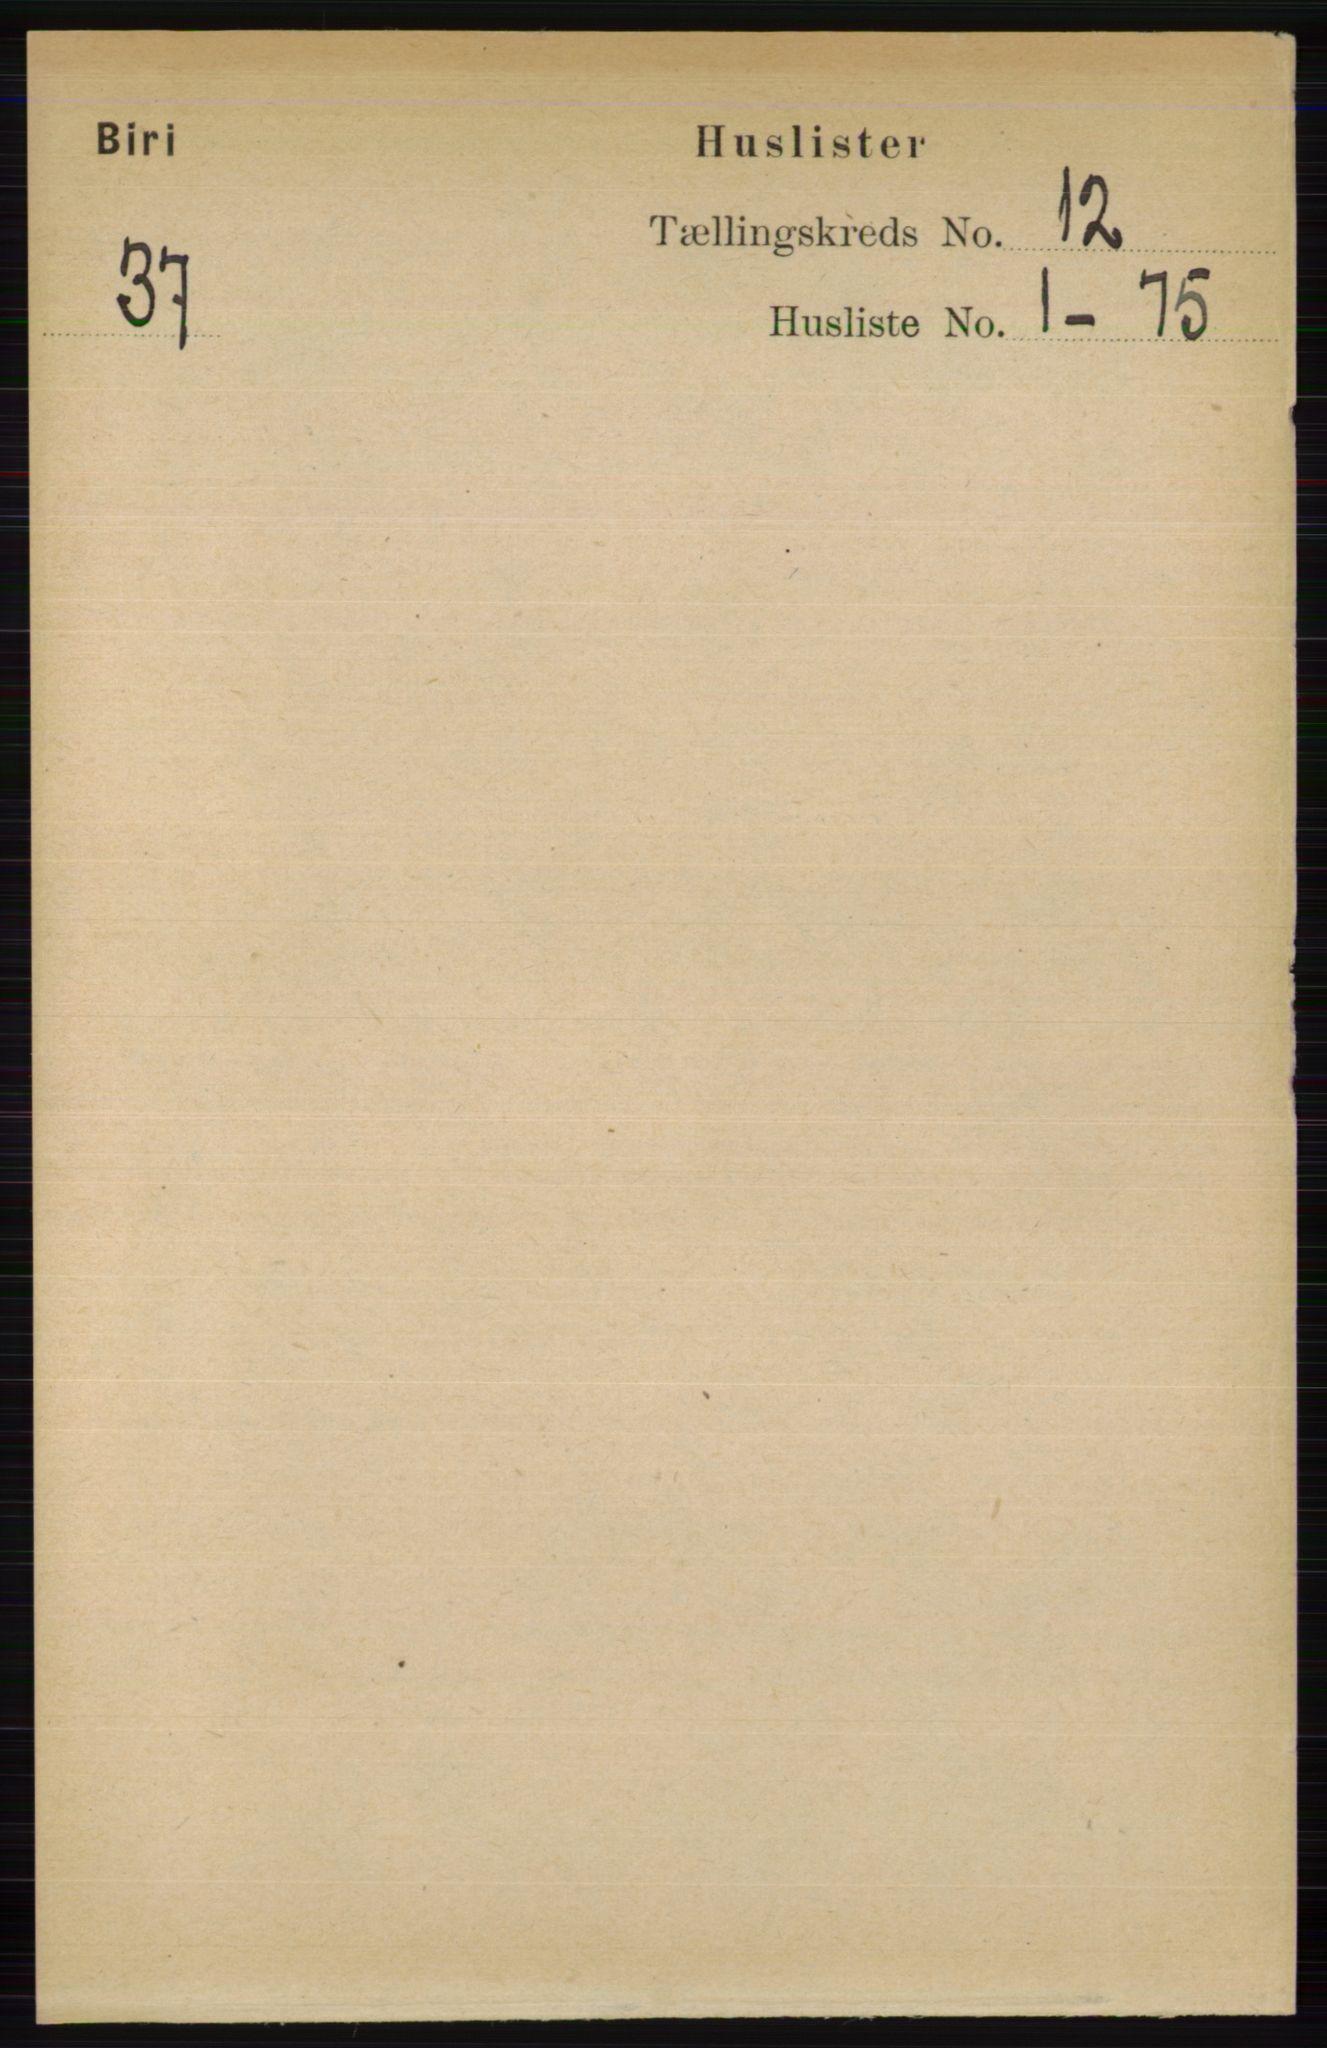 RA, Folketelling 1891 for 0525 Biri herred, 1891, s. 4762